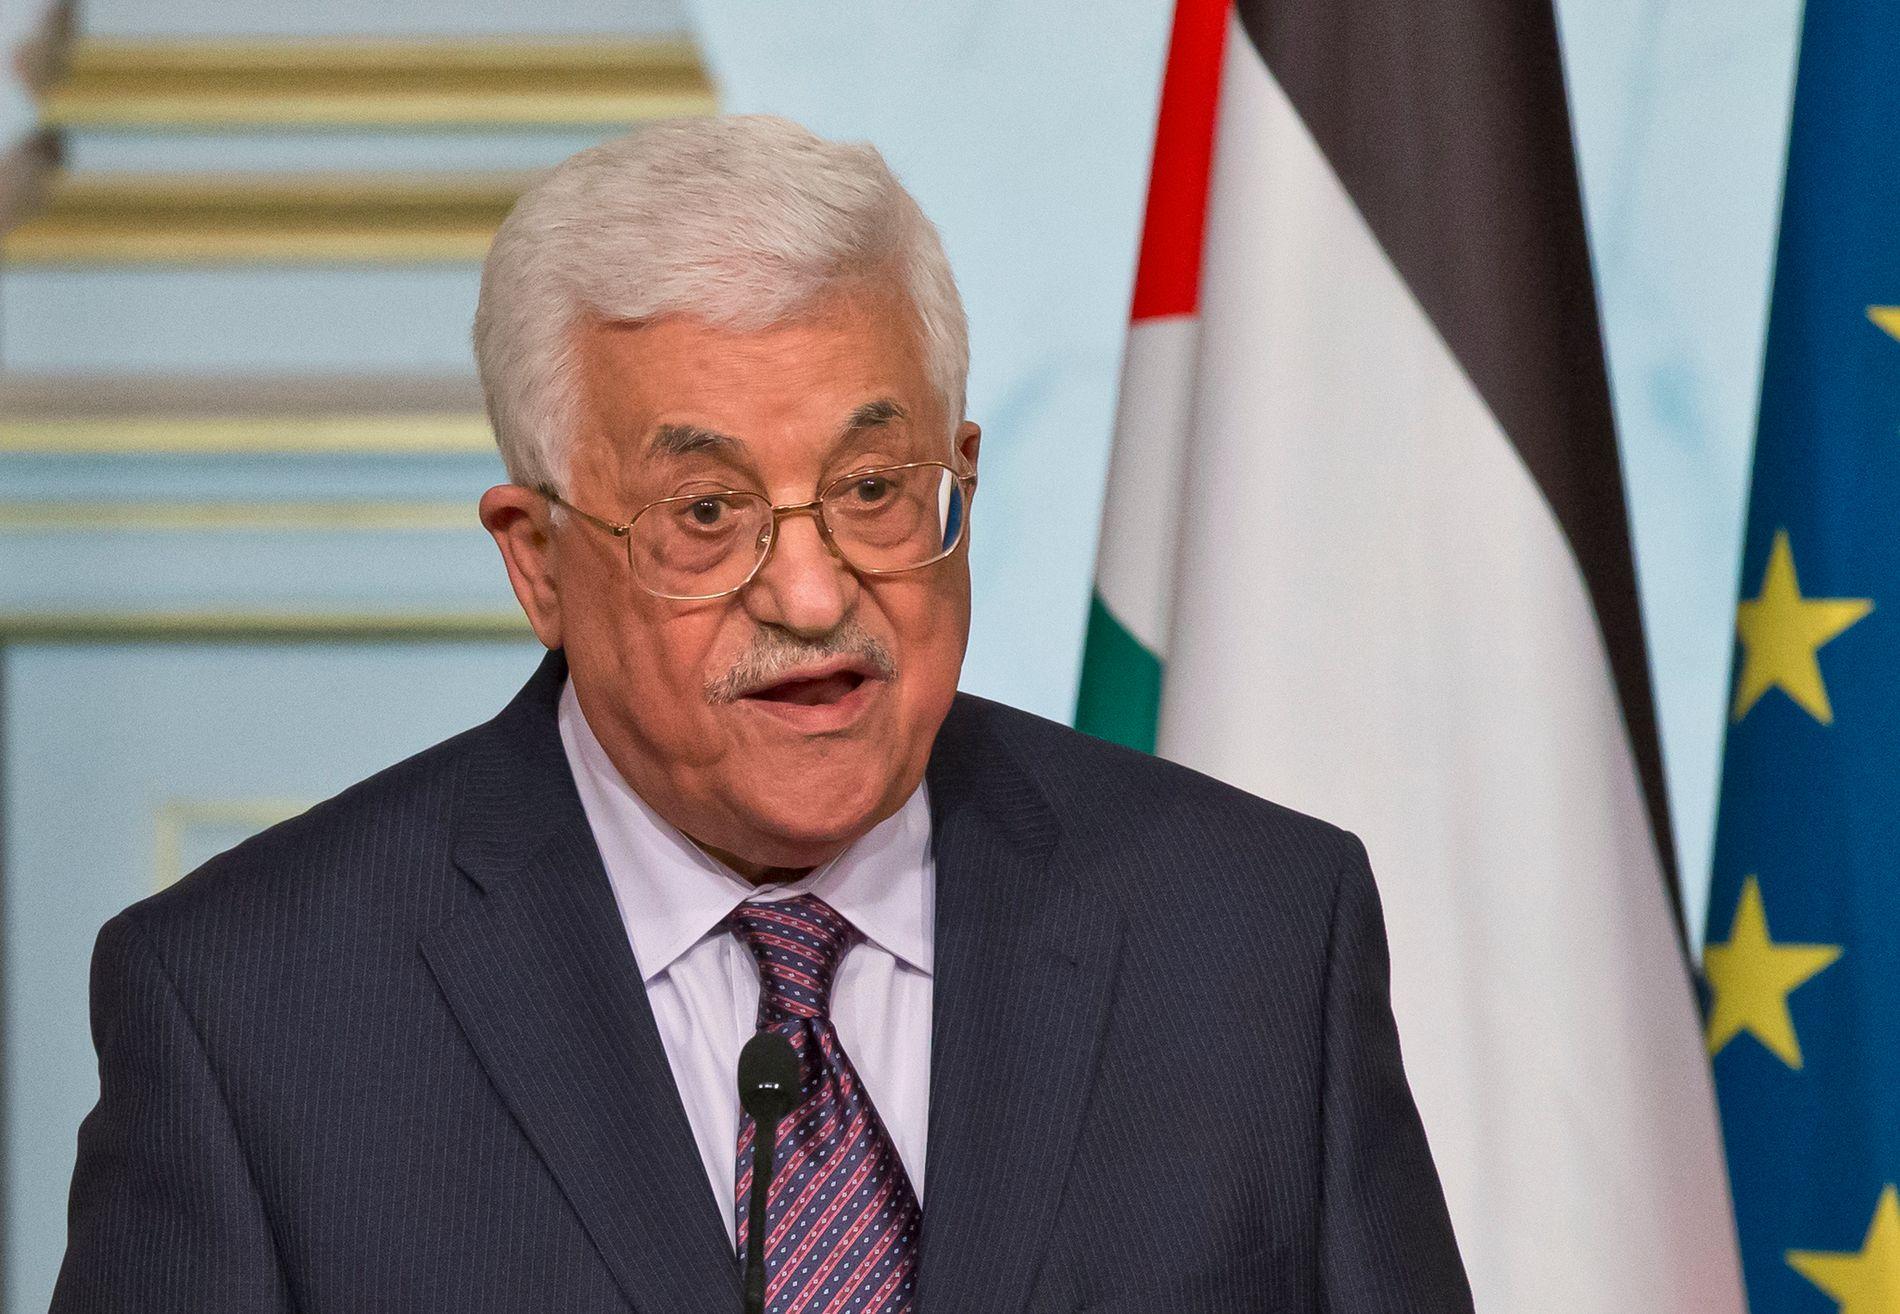 HVA MENER PRESIDENTEN? – Hvis Mahmoud Abbas og hans partnere frykter en maktovertagelse fra Hamas – og etter Gaza er denne frykten fullt forståelig – da er Israels overlegne militære styrke den beste garantisten de har mot dette, skriver kronikkforfatteren, som i morgen er i Norge for å diskutere Midtøsten-spørsmålet.